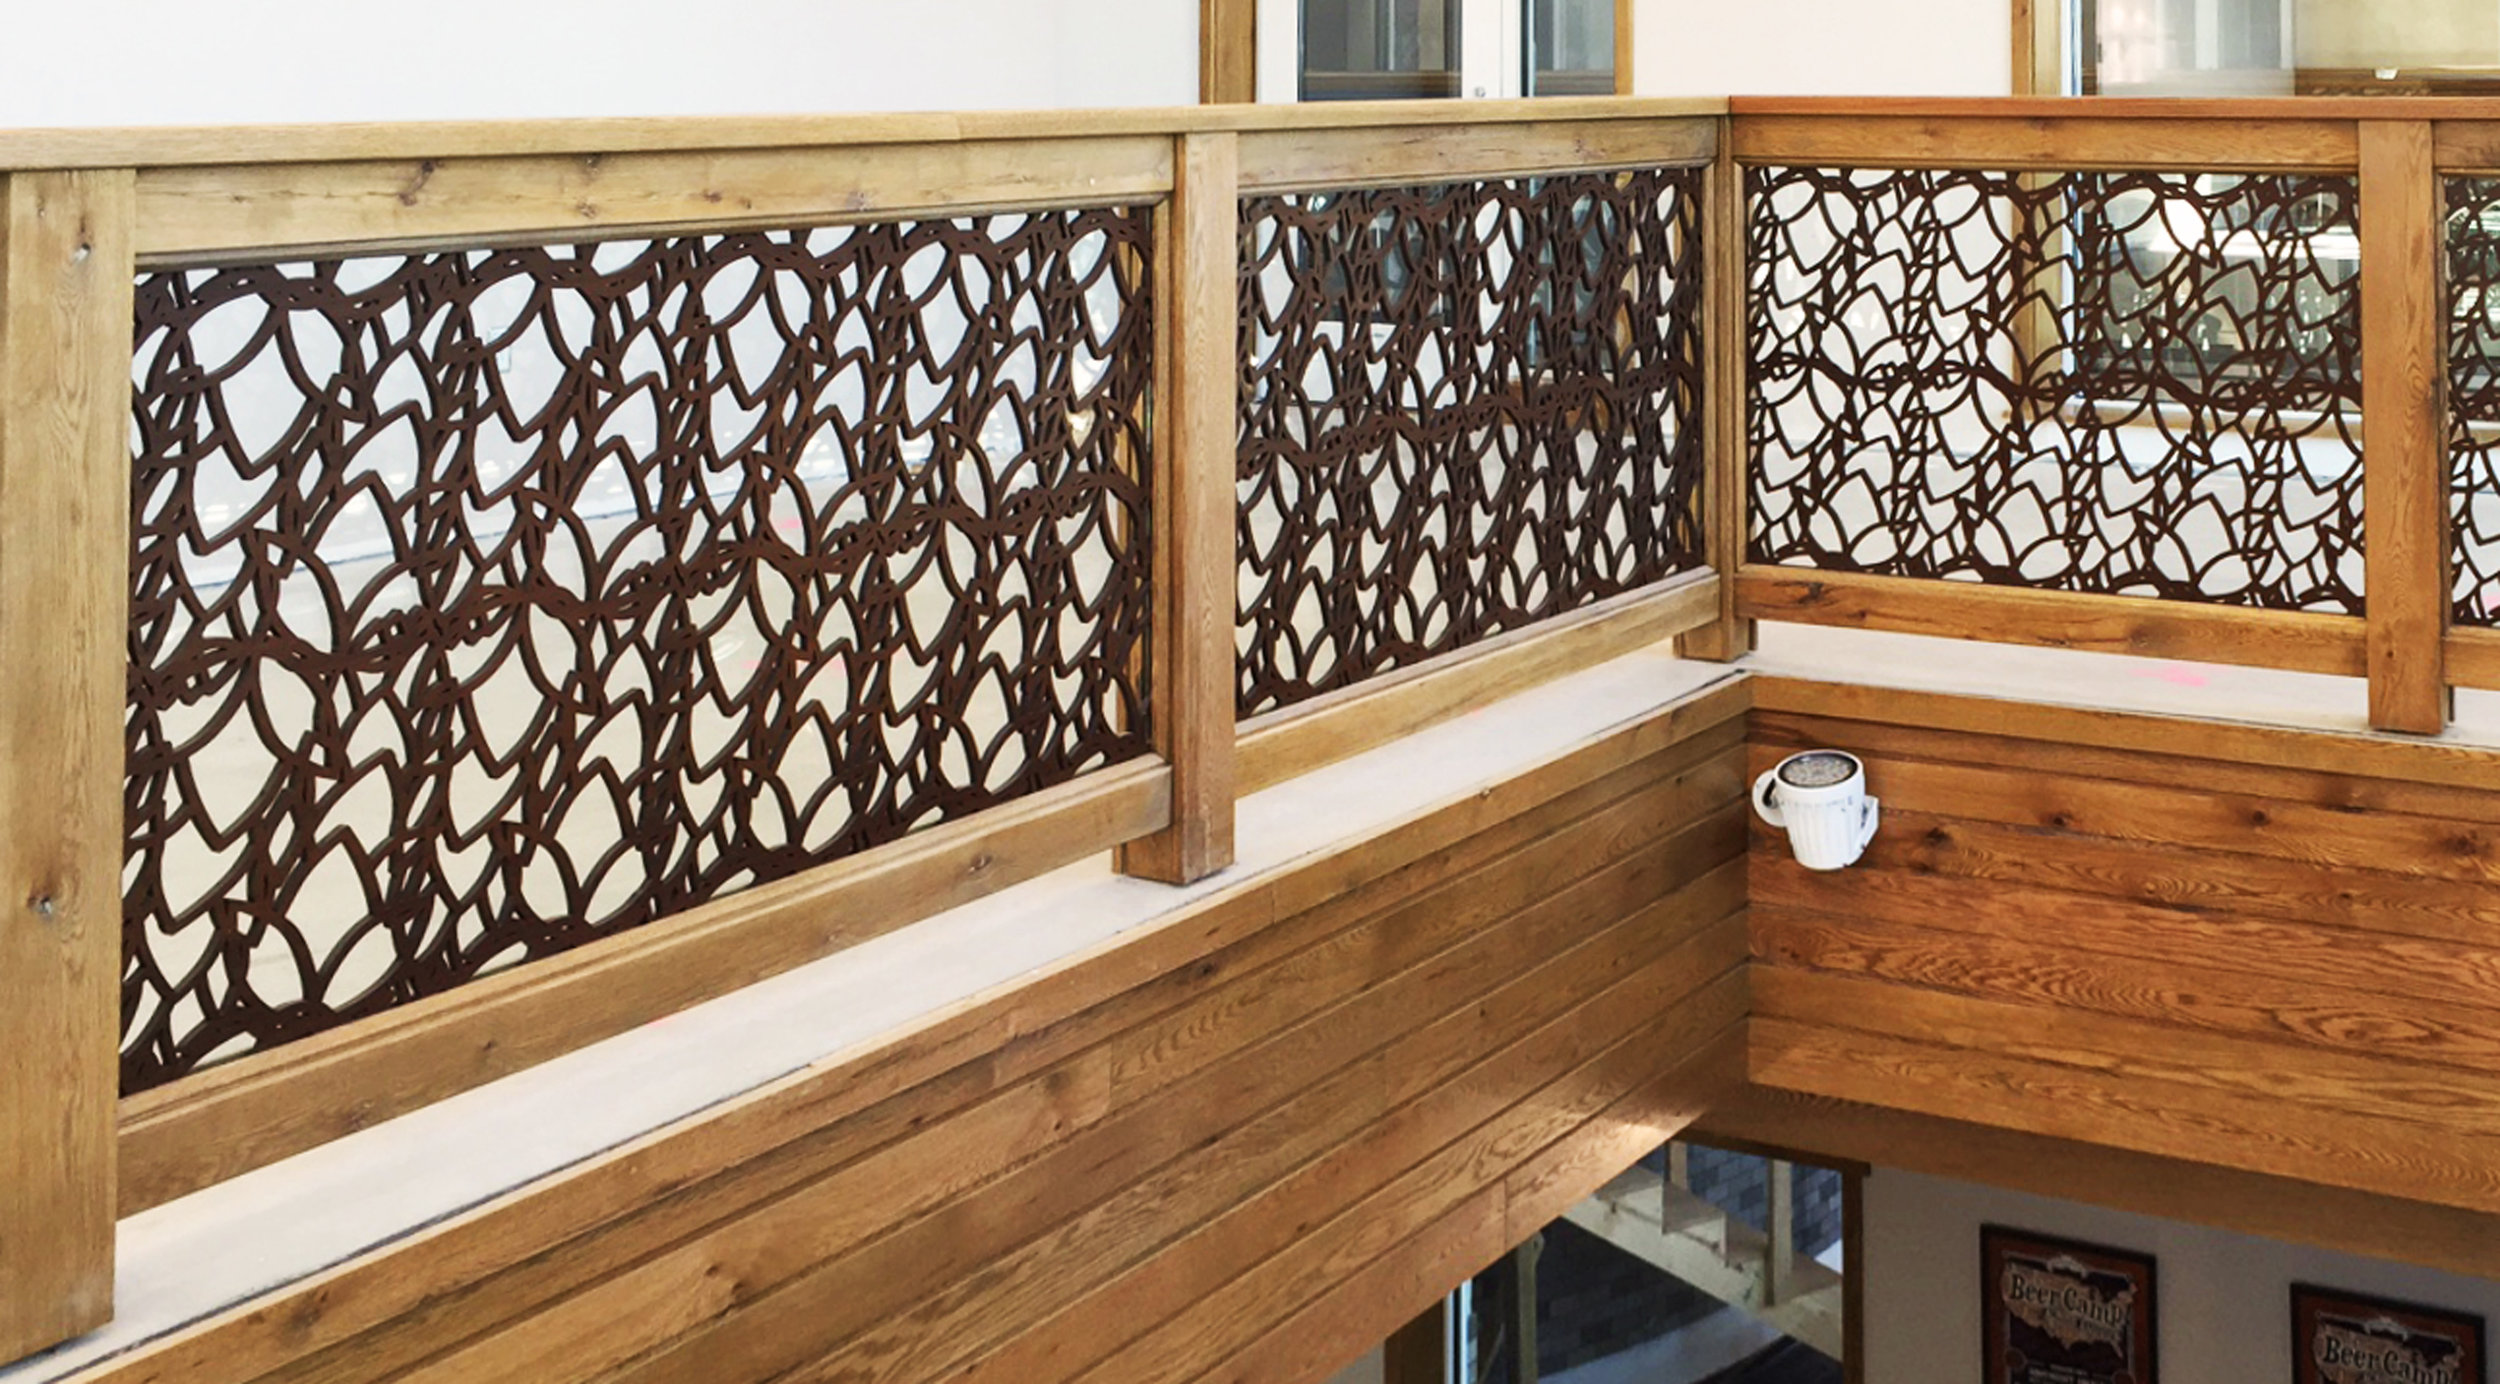 Sierra Nevada Brewery,Mills River, NC   Custom pattern, Stair railing